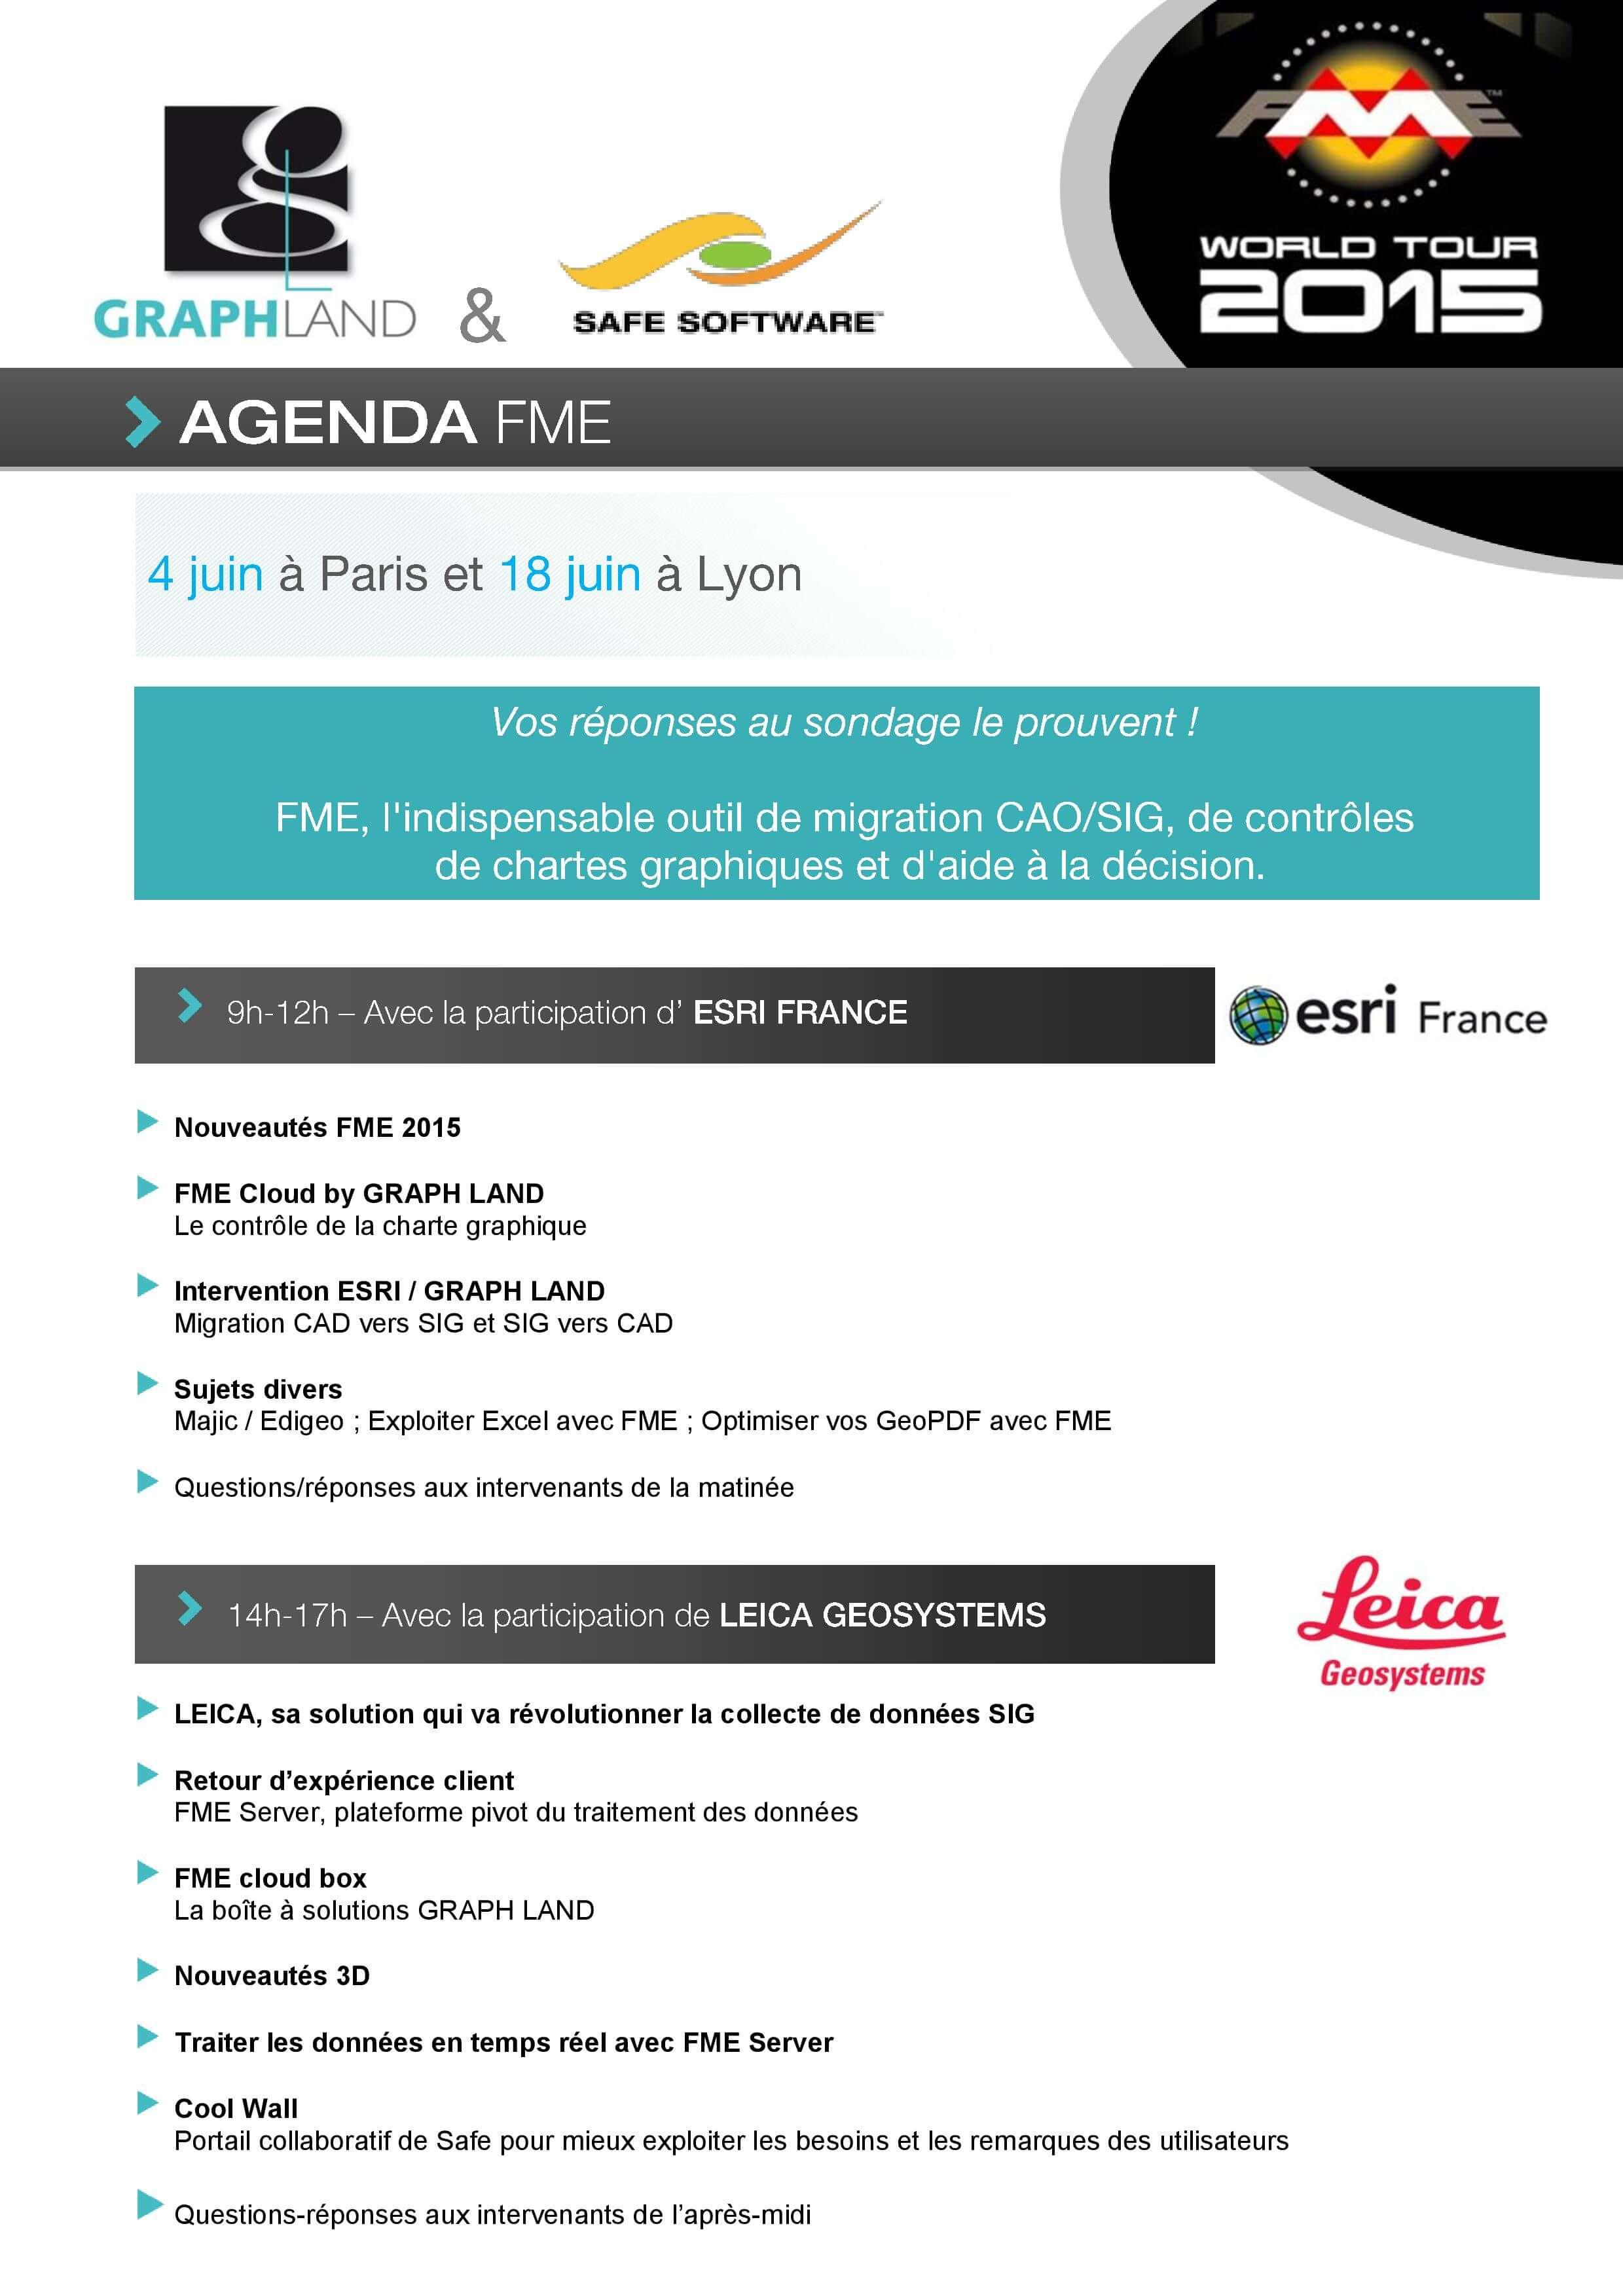 Agenda FMEWT 2015